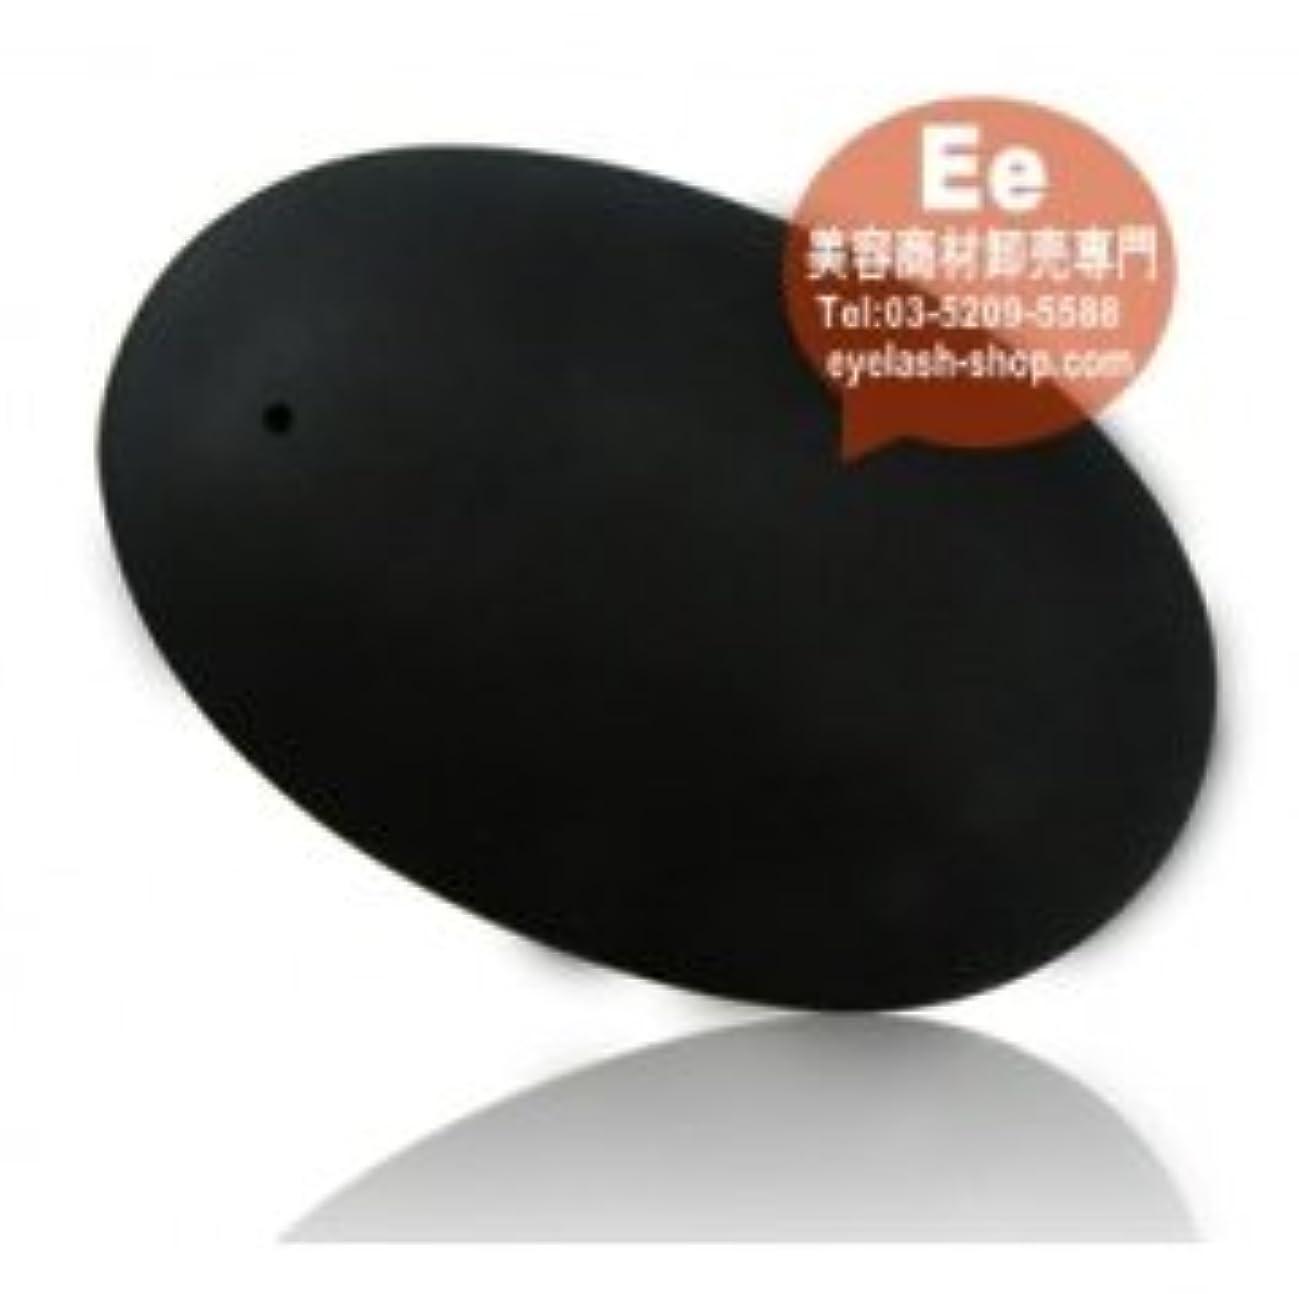 【100%本物保障】最高級天然石美容カッサプレート 天然石カッサ板 S-9